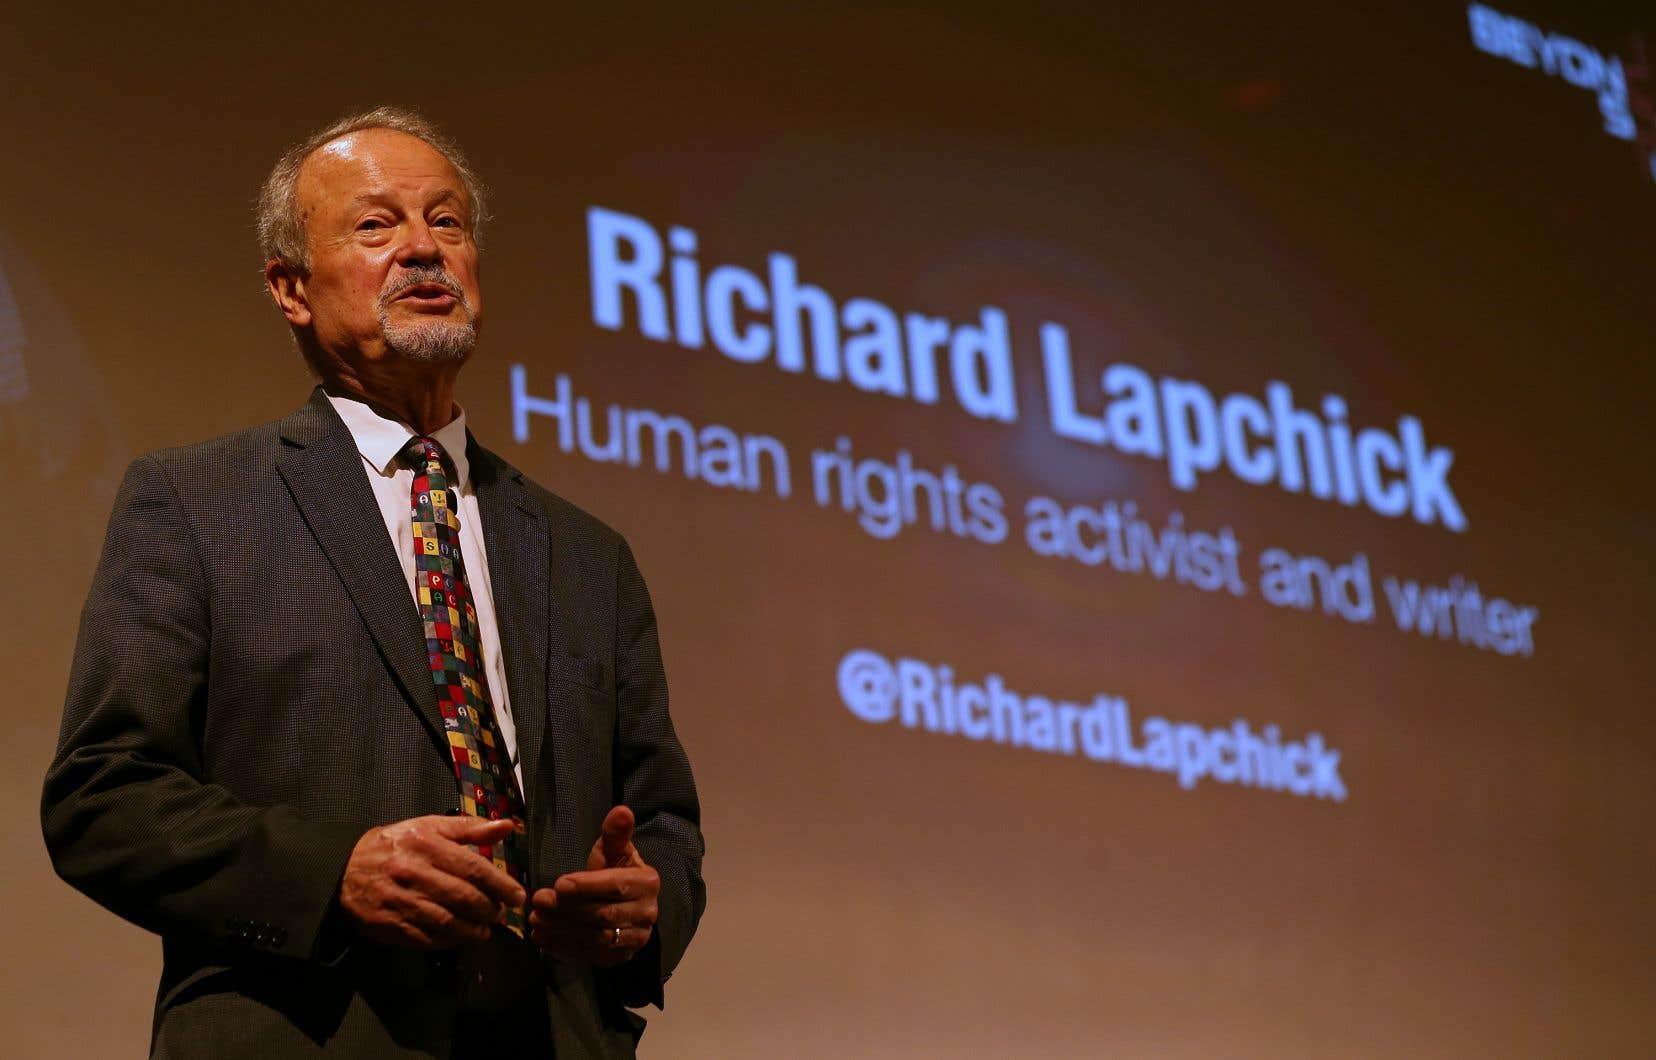 Richard Lapchick, directeur du TIDES et auteur principal de l'étude, a encensé les pratiques d'embauches mises de l'avant aux quartiers généraux de la MLB.